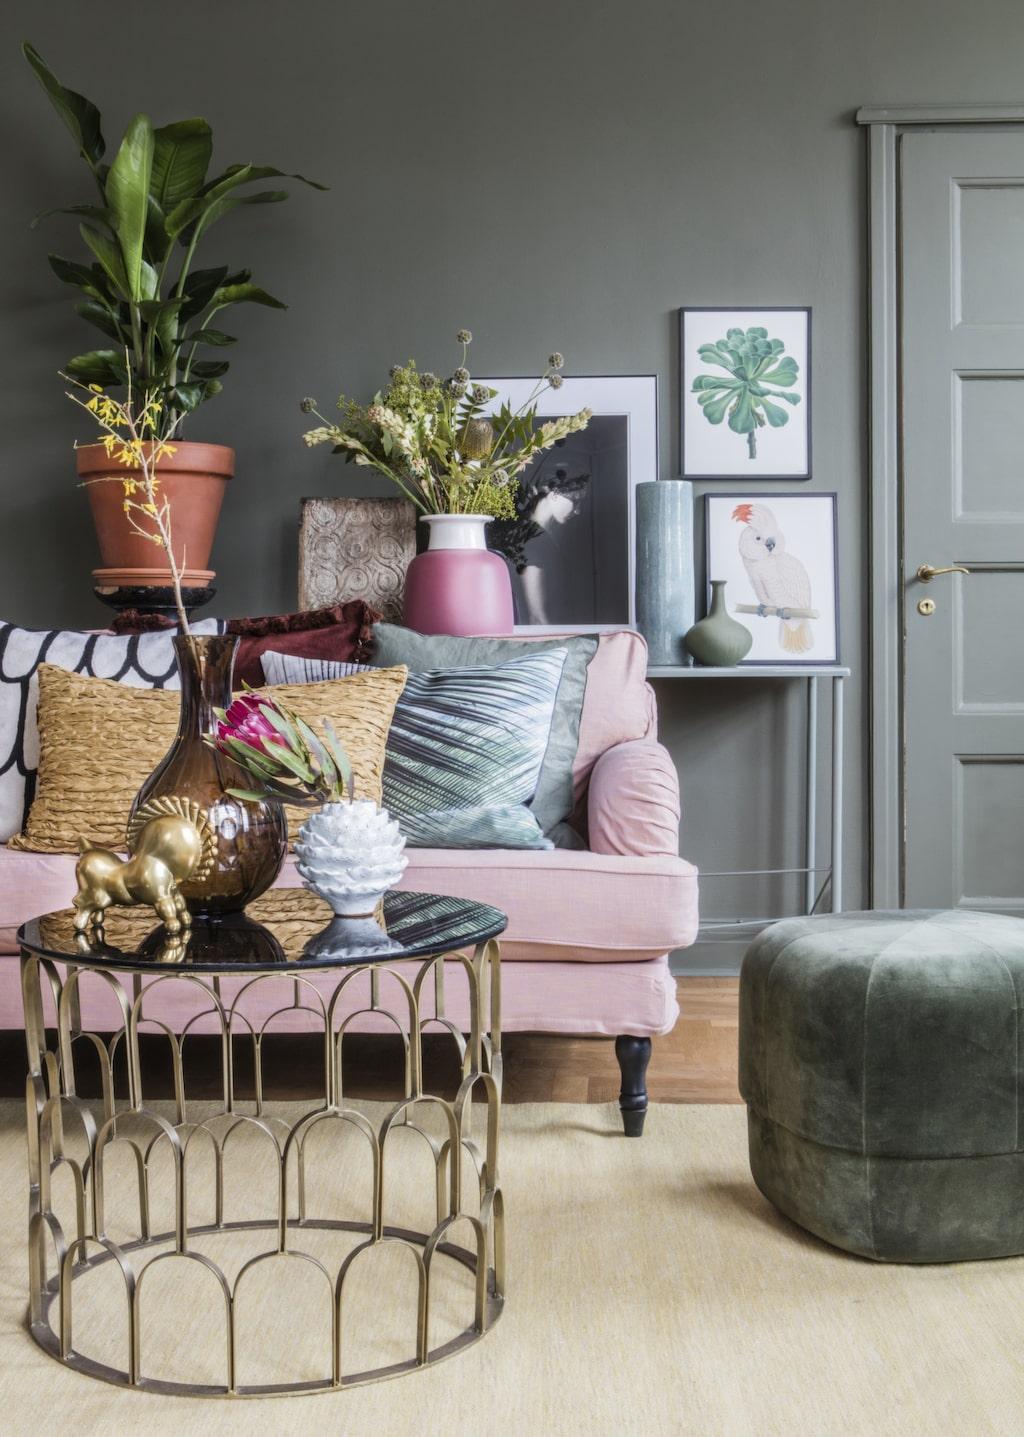 <p>Våga måla en mörkare väggfärg i vardagsrummet – den gröna kulören är fin till mjuka pasteller. Pigga upp med metaller och glasdetaljer.<br></p>